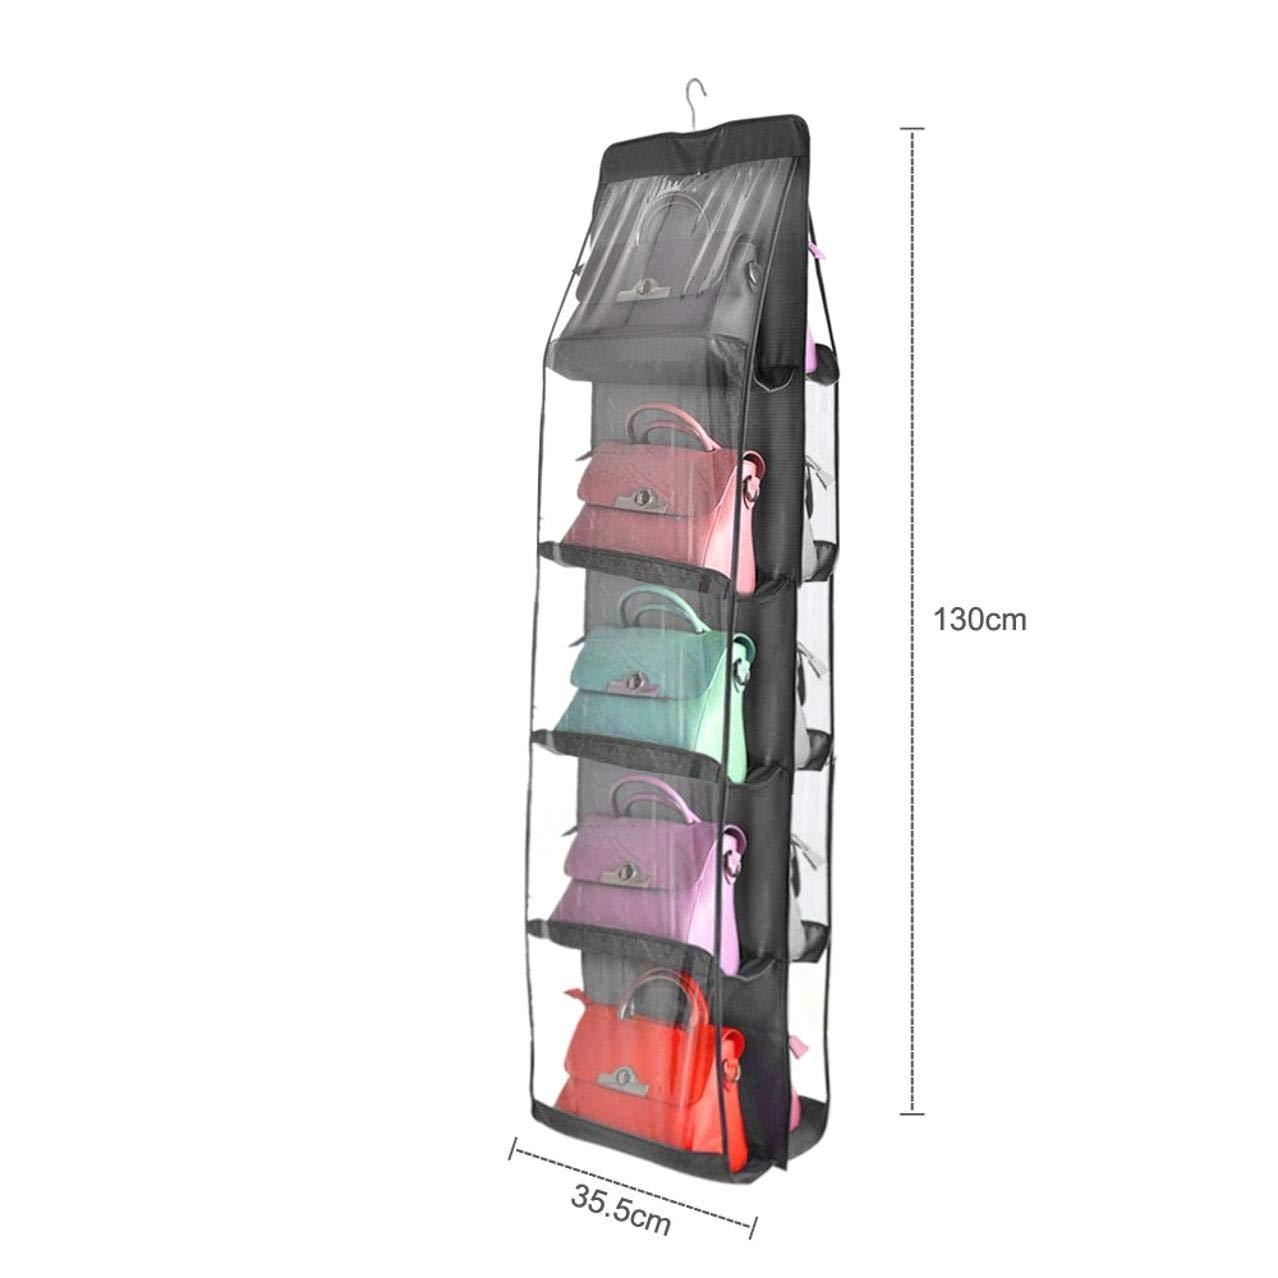 Ropa Armario para Zapatos Dormitorio Color Gris para Colgar en la Sala de Estar FDVE Organizador de Armario de 10 Bolsillos de Tela no Tejida Bolsos Transparente